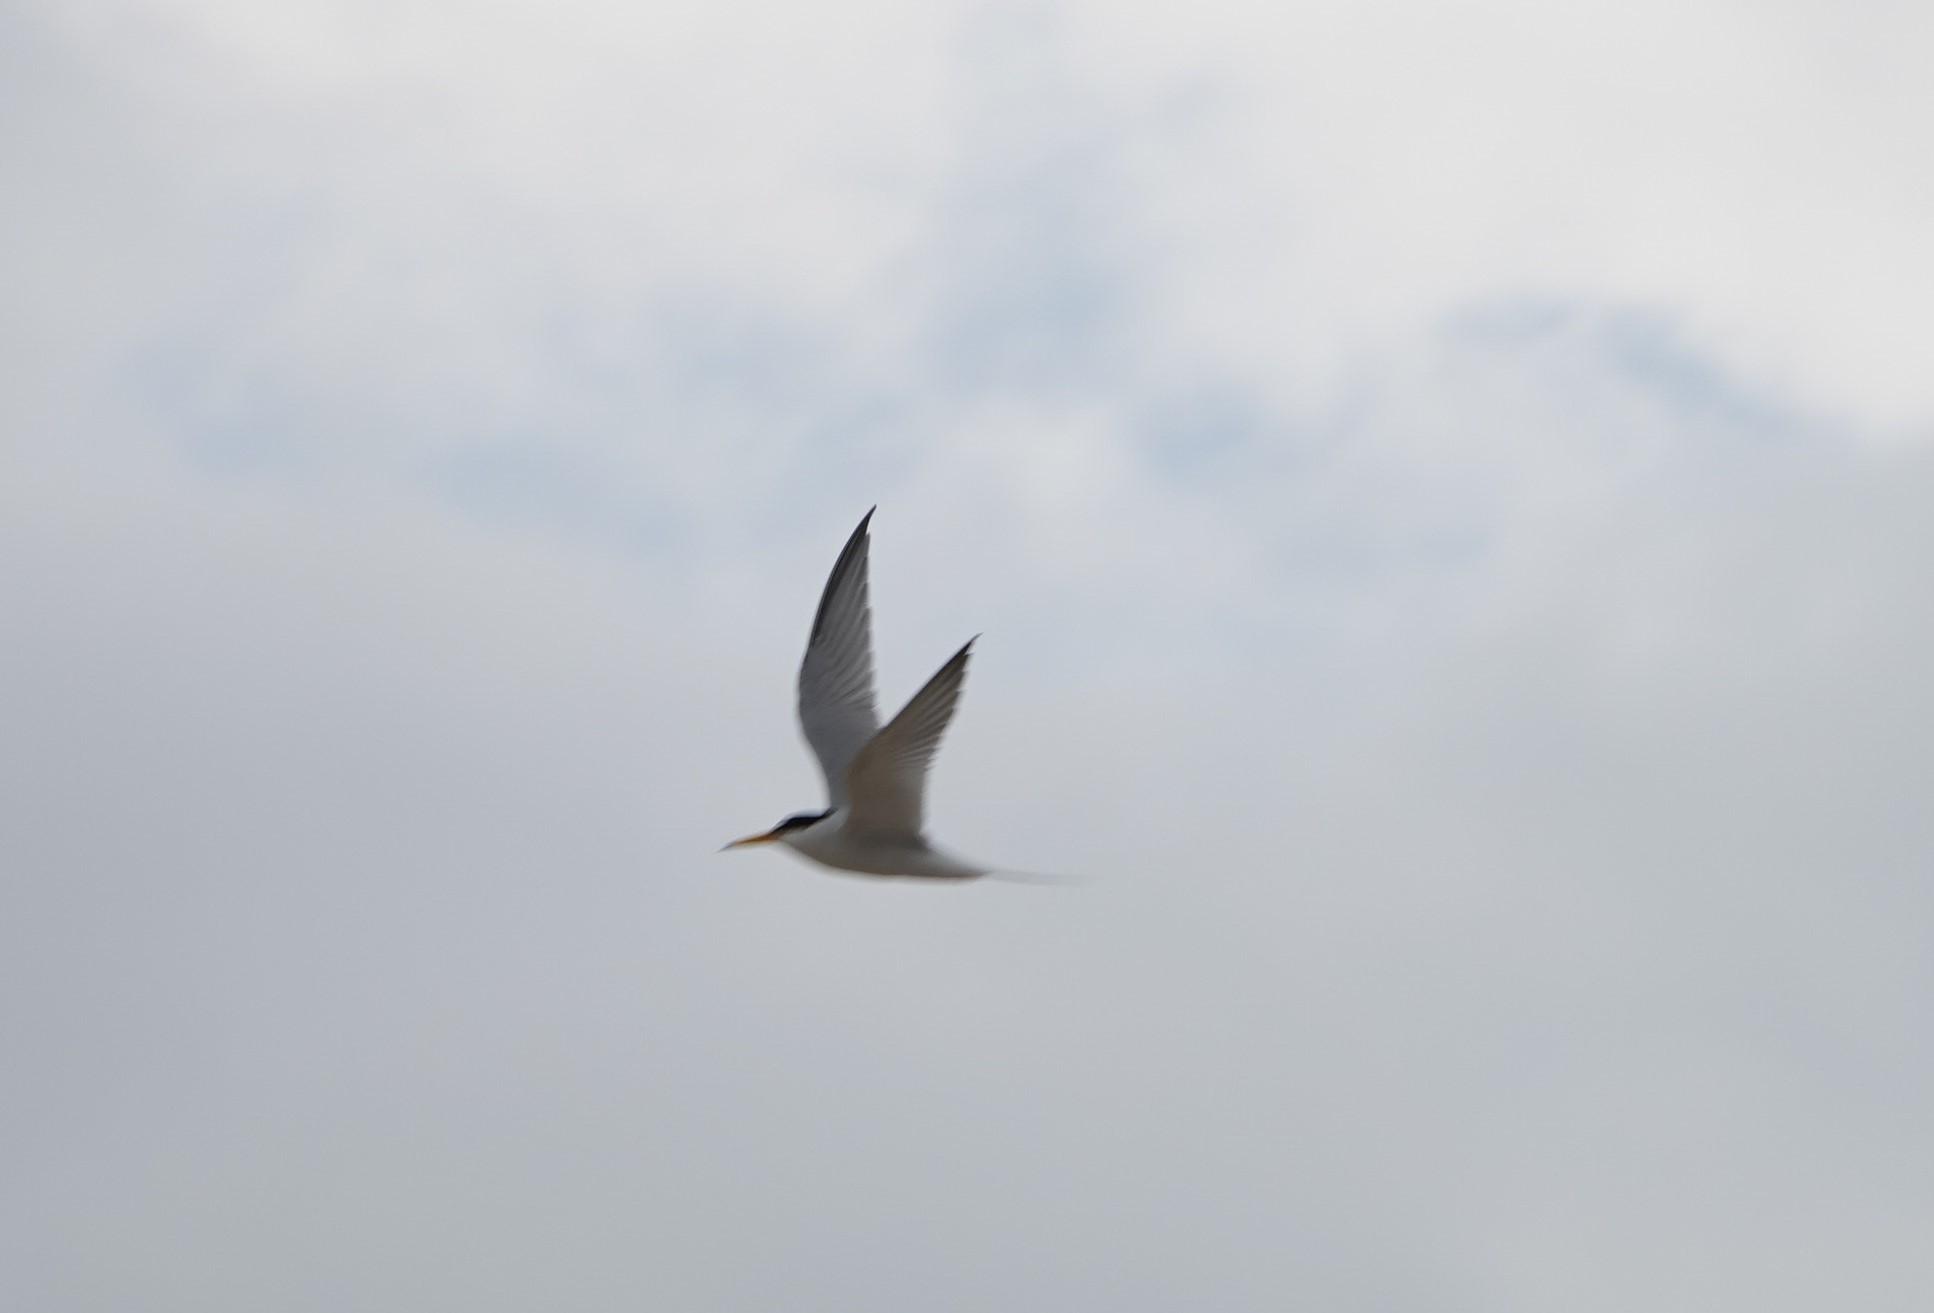 野鳥トレ 209 コアジサシ_b0227552_19415333.jpg